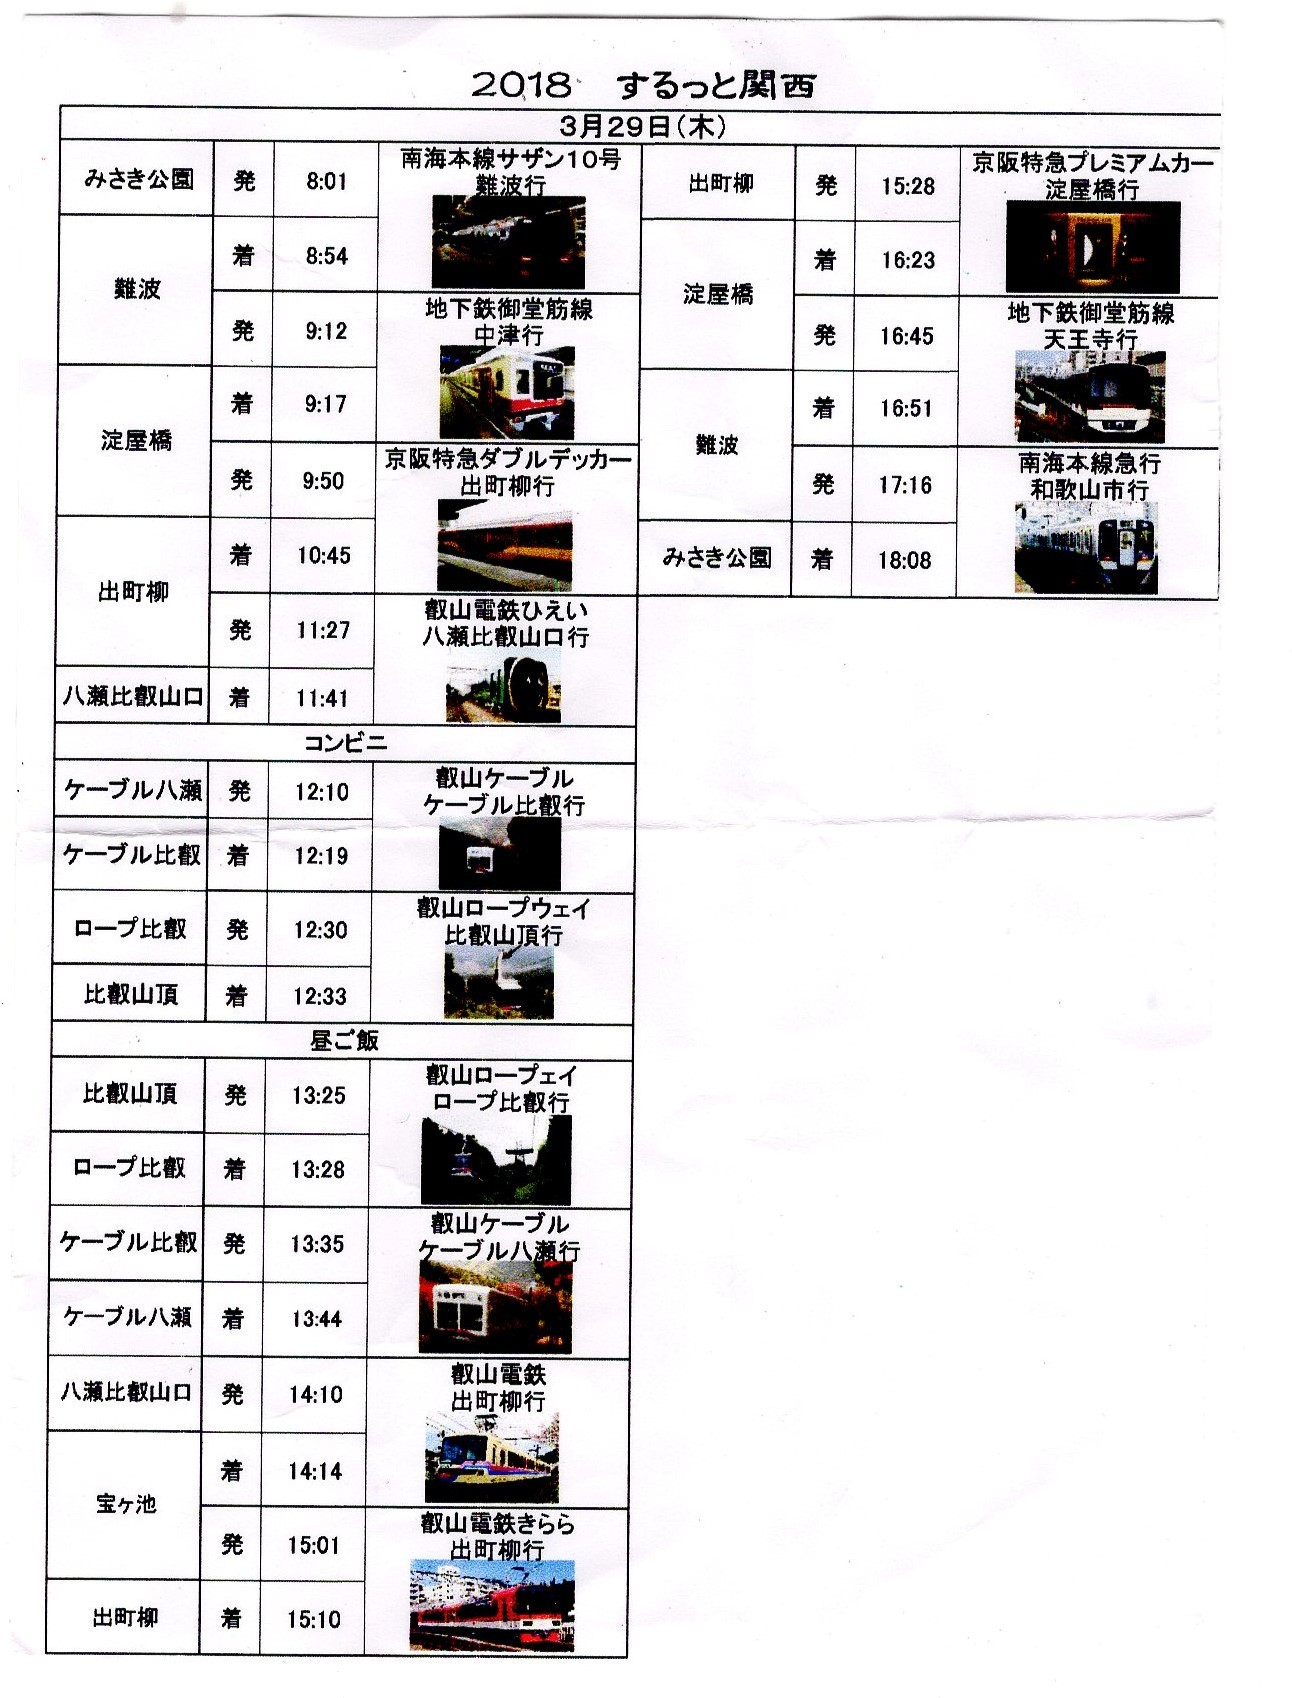 京阪電車に乗って比叡山へ行く・・・孫のスケジュールに同行_c0108460_07451150.jpg